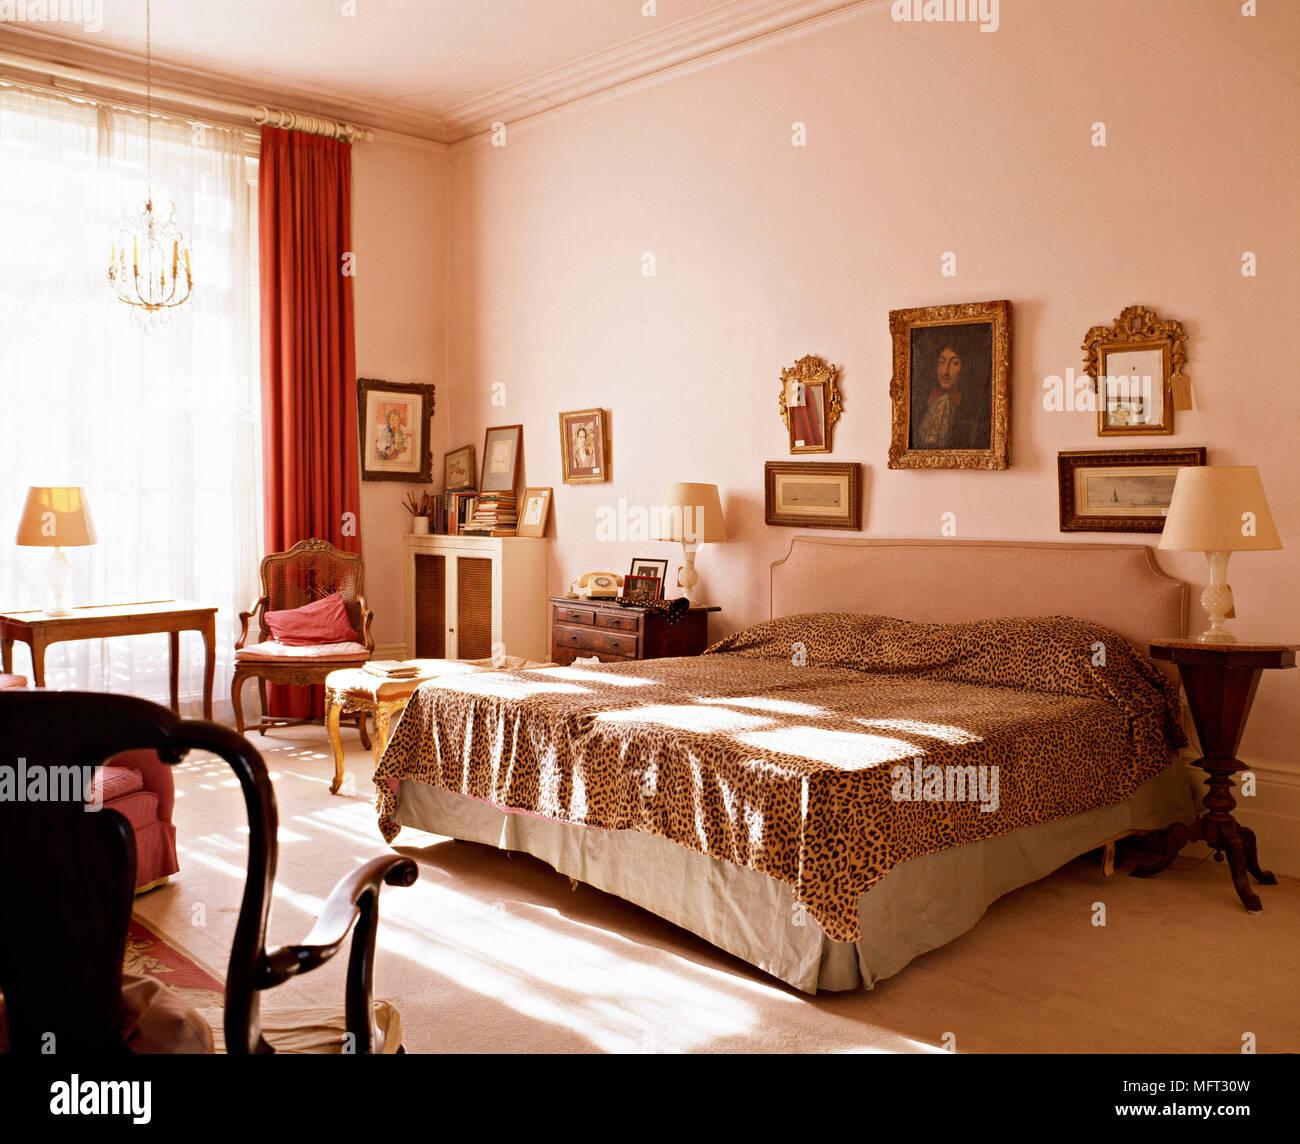 Traditionelle Schlafzimmer Bett Sessel; S Nachttisch Lampen Gardinen  Tierischer Haut Stoffbezug Interieur Schlafzimmer Betten Kräftigen, Warmen  Farben Mit ...